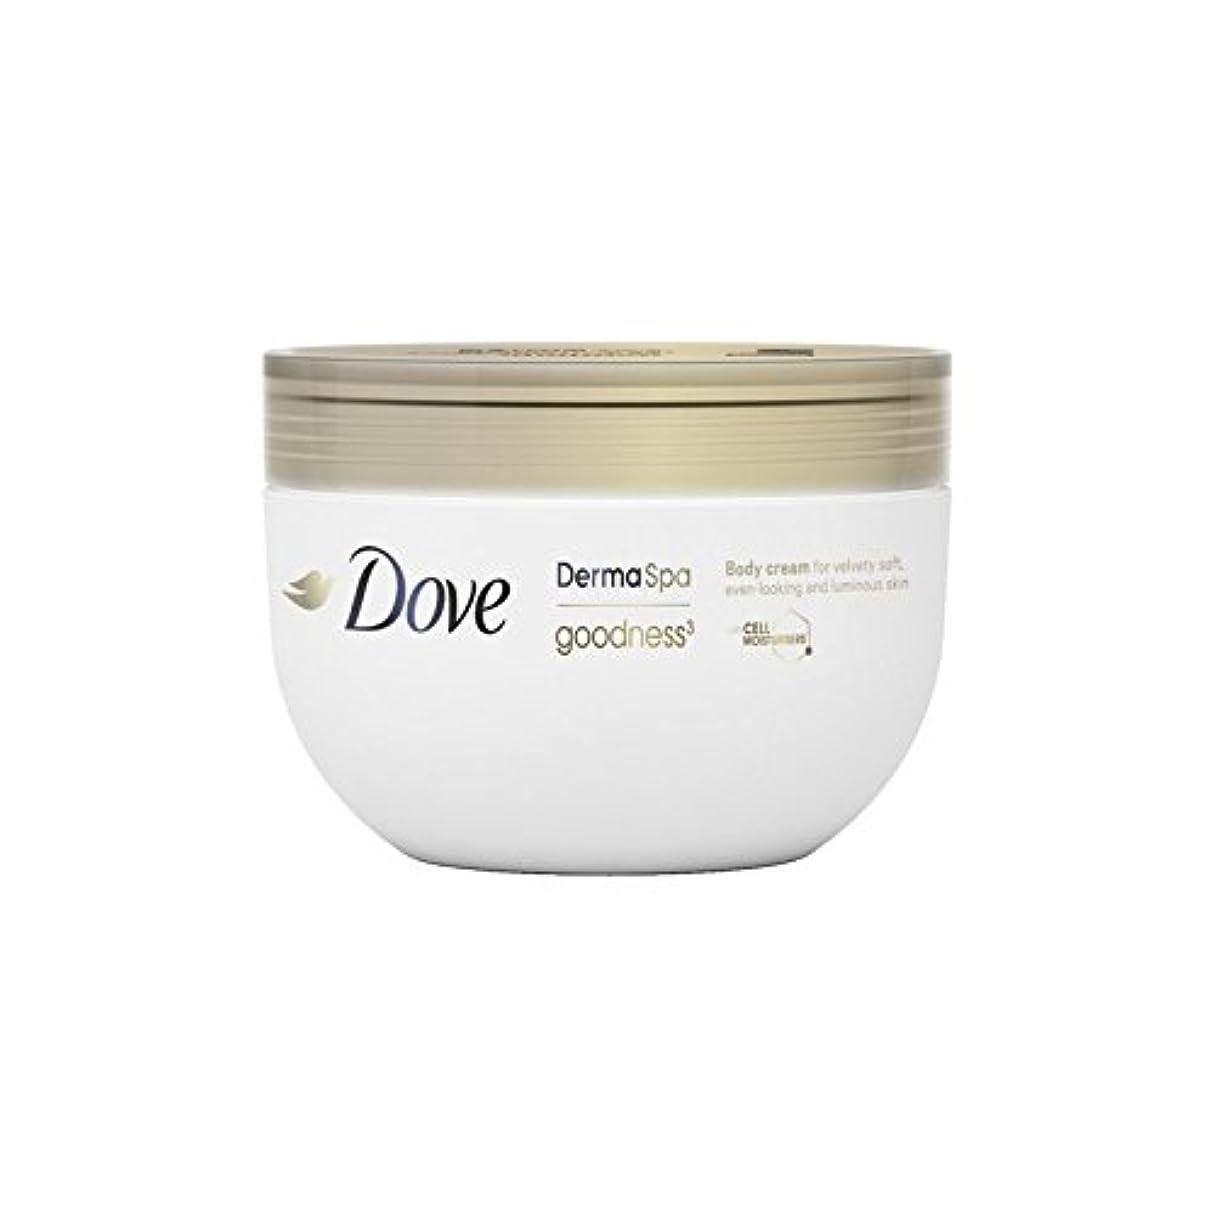 洗練テスピアン弾力性のある鳩の3ボディクリーム(300ミリリットル) x2 - Dove DermaSpa Goodness3 Body Cream (300ml) (Pack of 2) [並行輸入品]